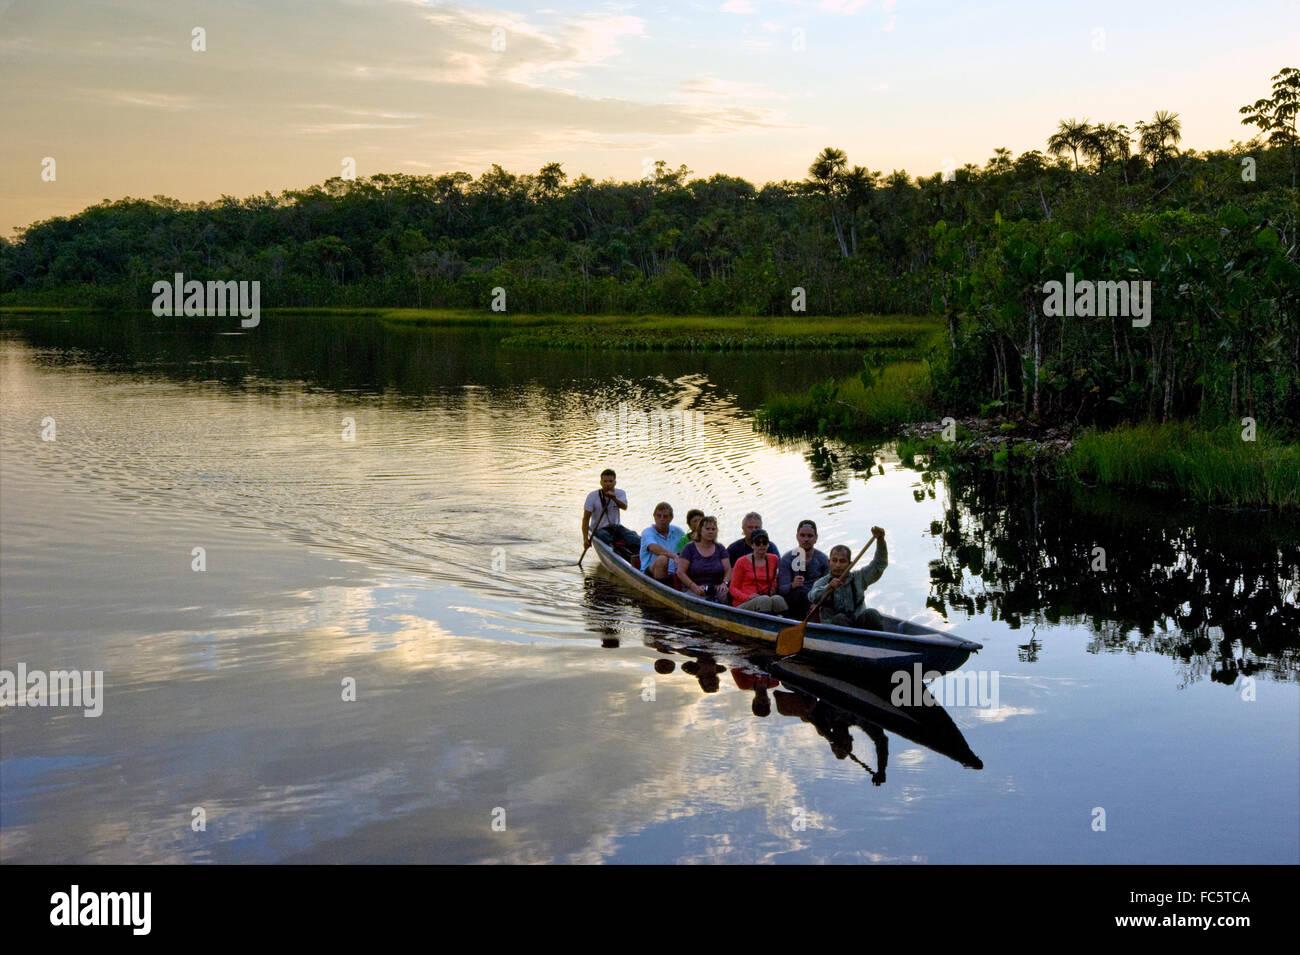 Canoa en el Río Amazonas en Ecuador Imagen De Stock